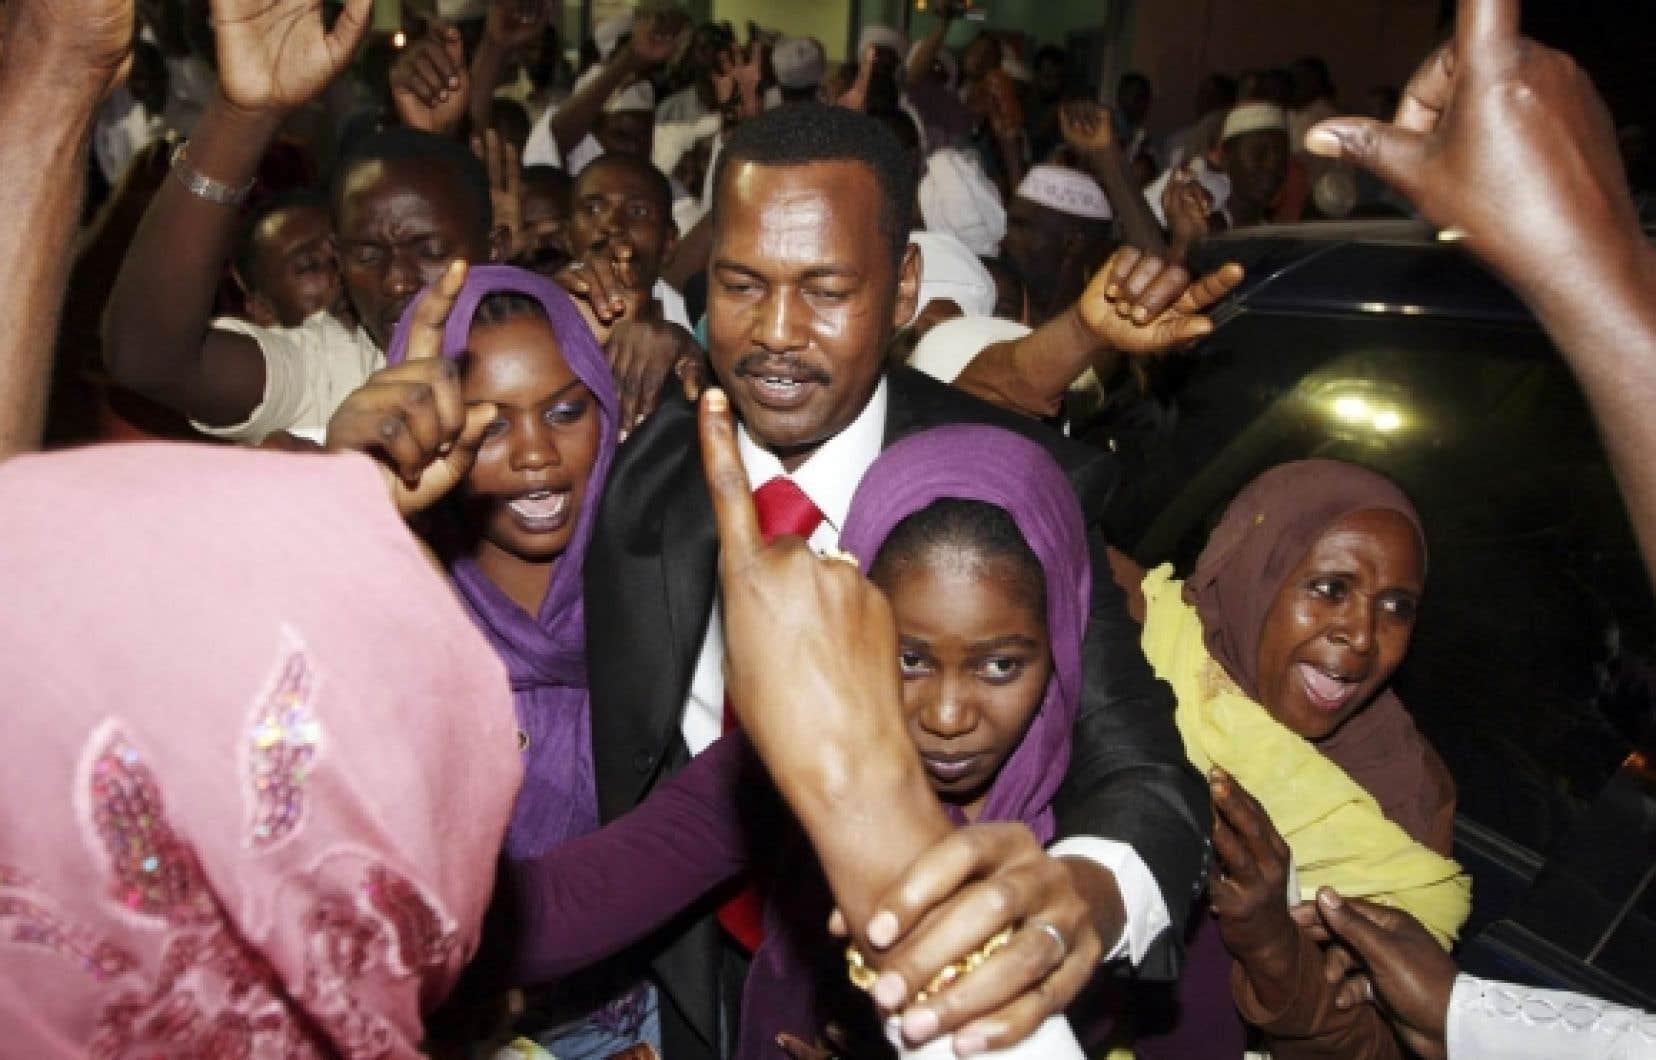 Un des dirigeants du JEM, Ahmed Wadiay, a été accueilli par des partisans à son arrivée à Khartoum.